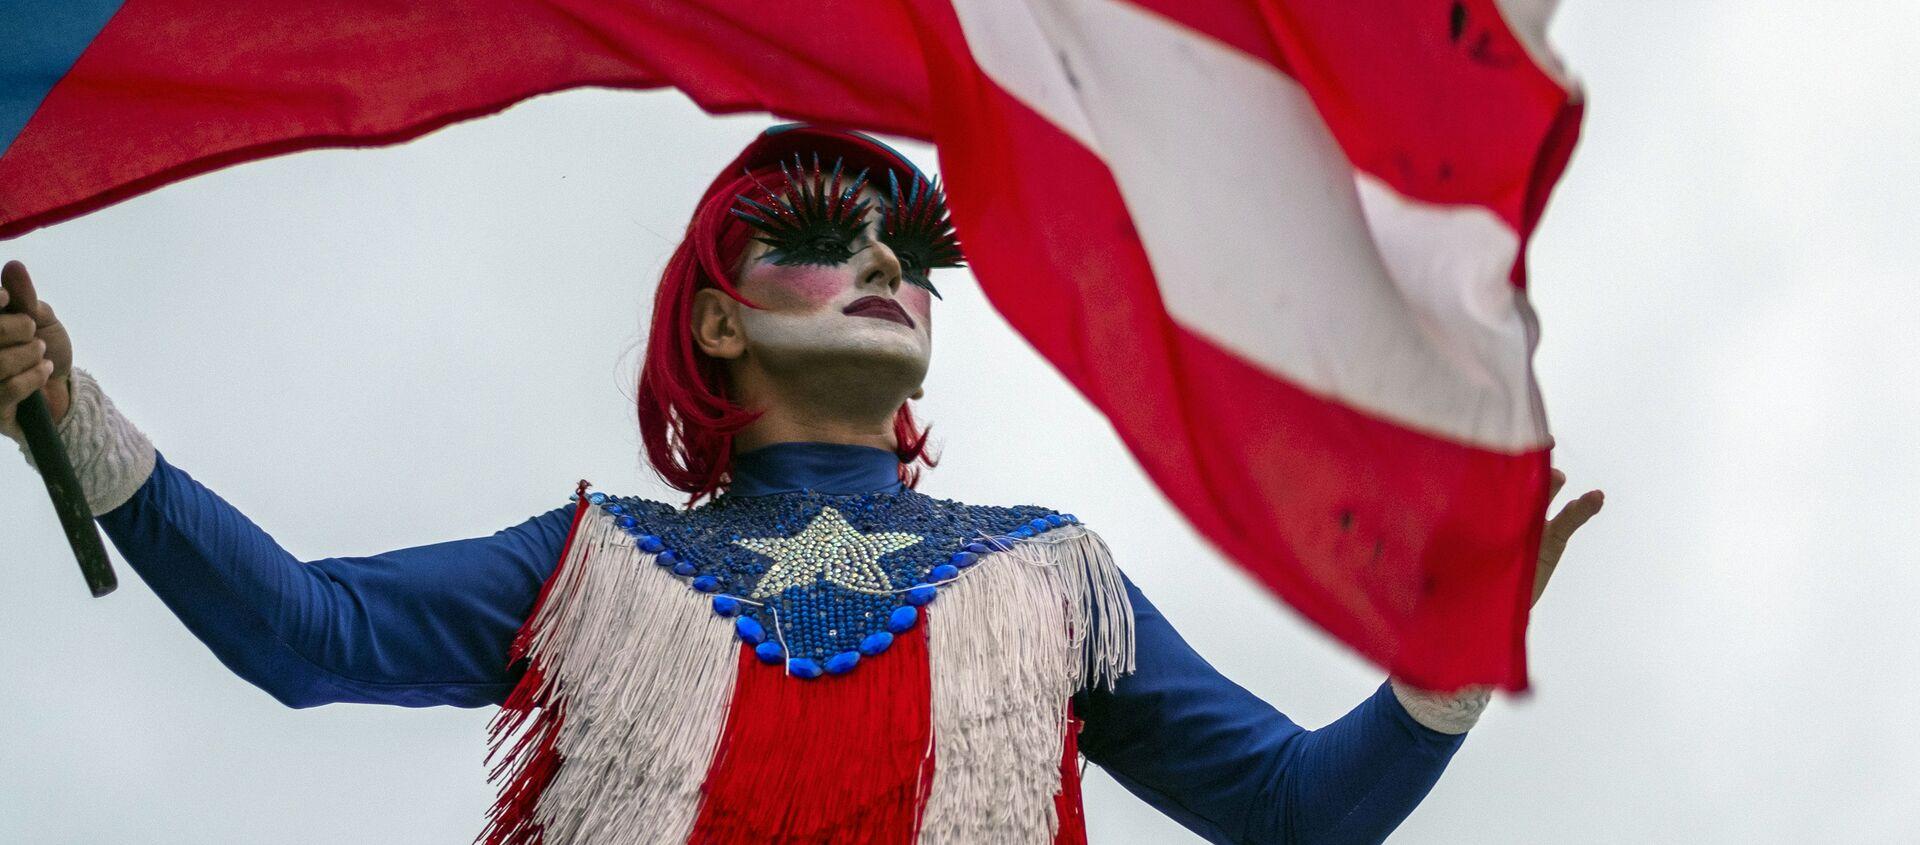 Una persona con la bandera de Puerto Rico - Sputnik Mundo, 1920, 26.12.2020